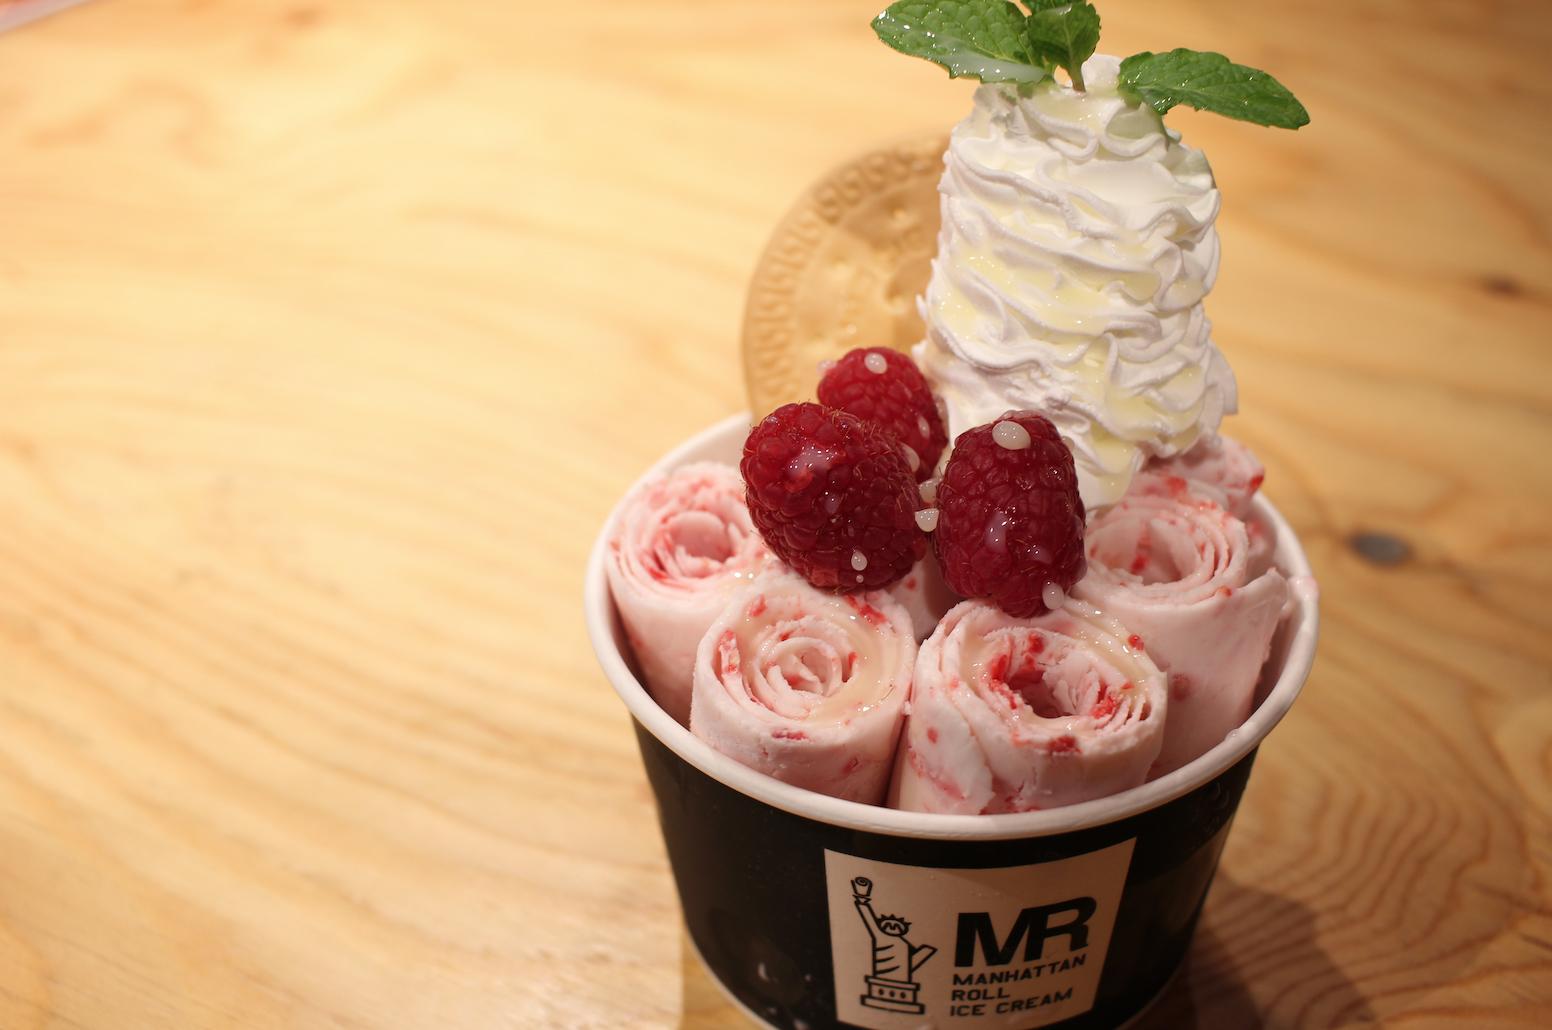 「マンハッタンロールアイスクリーム」が2019年春夏の新作メニューを4月から販売 - sub1 5